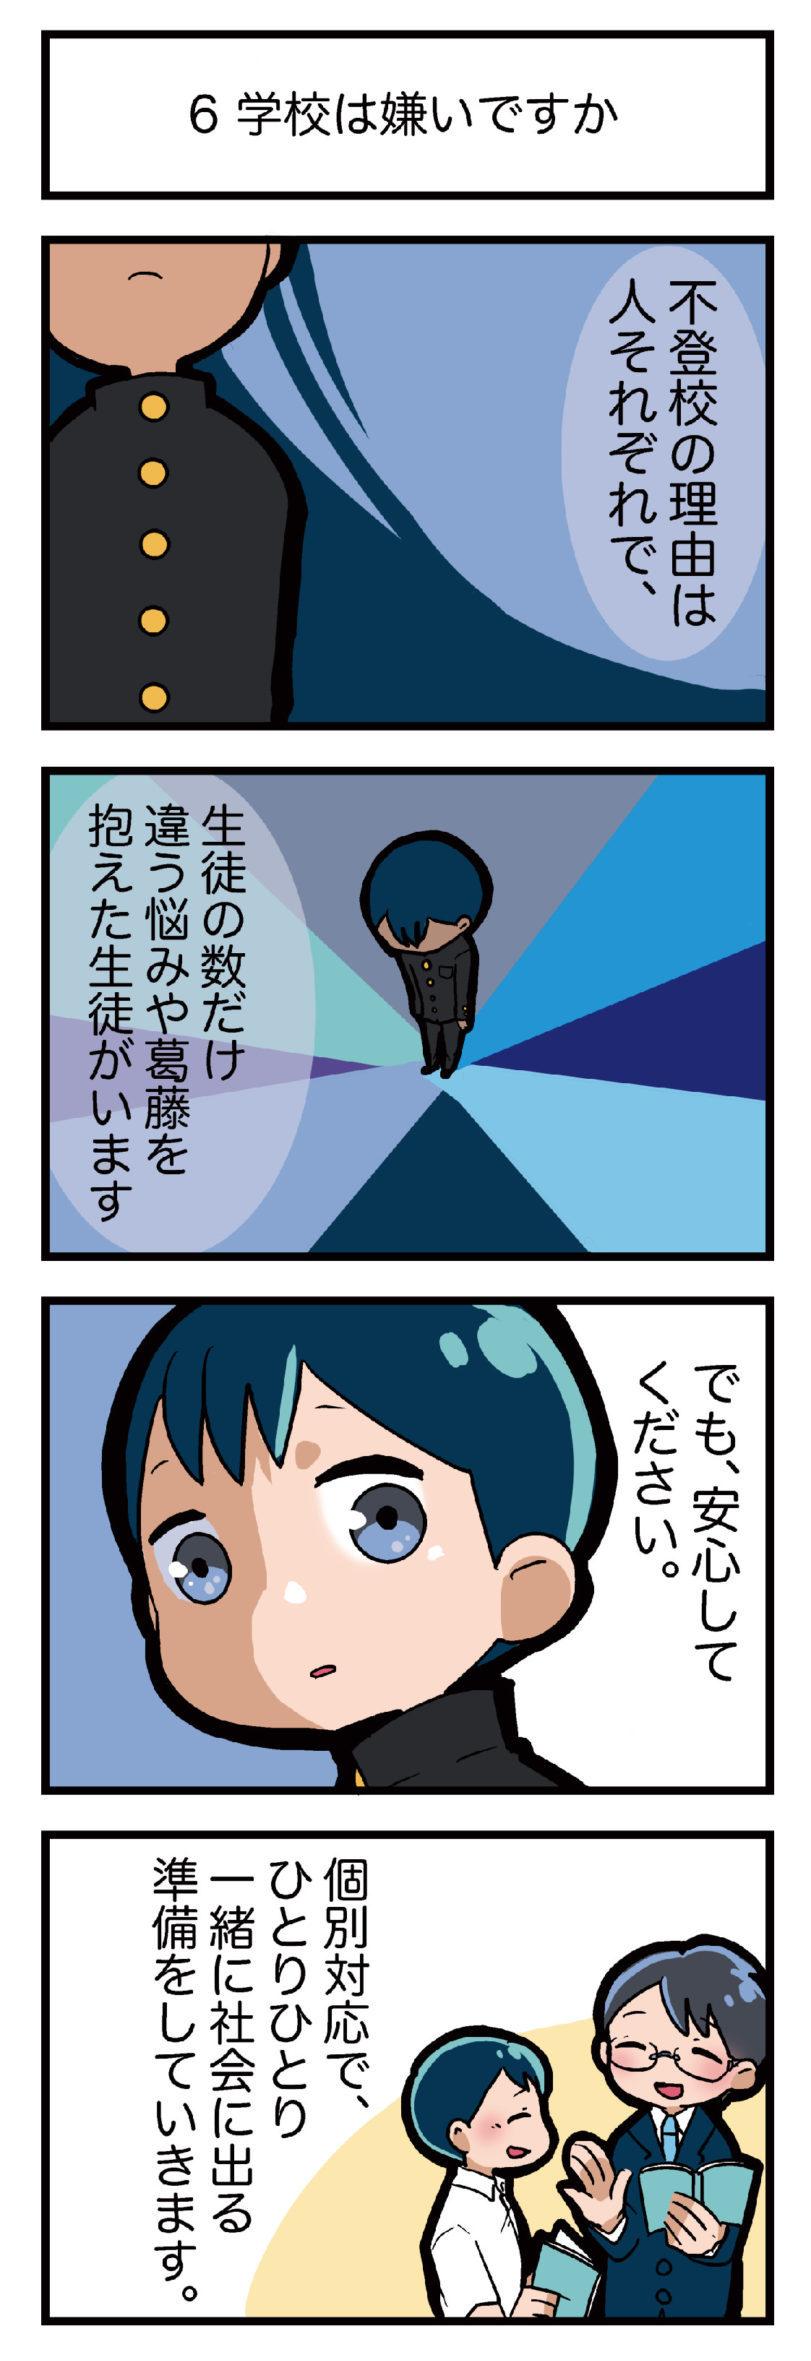 学校なんかきらいでも卒業できます。通信制高校の精華学園高校東京ボイス校